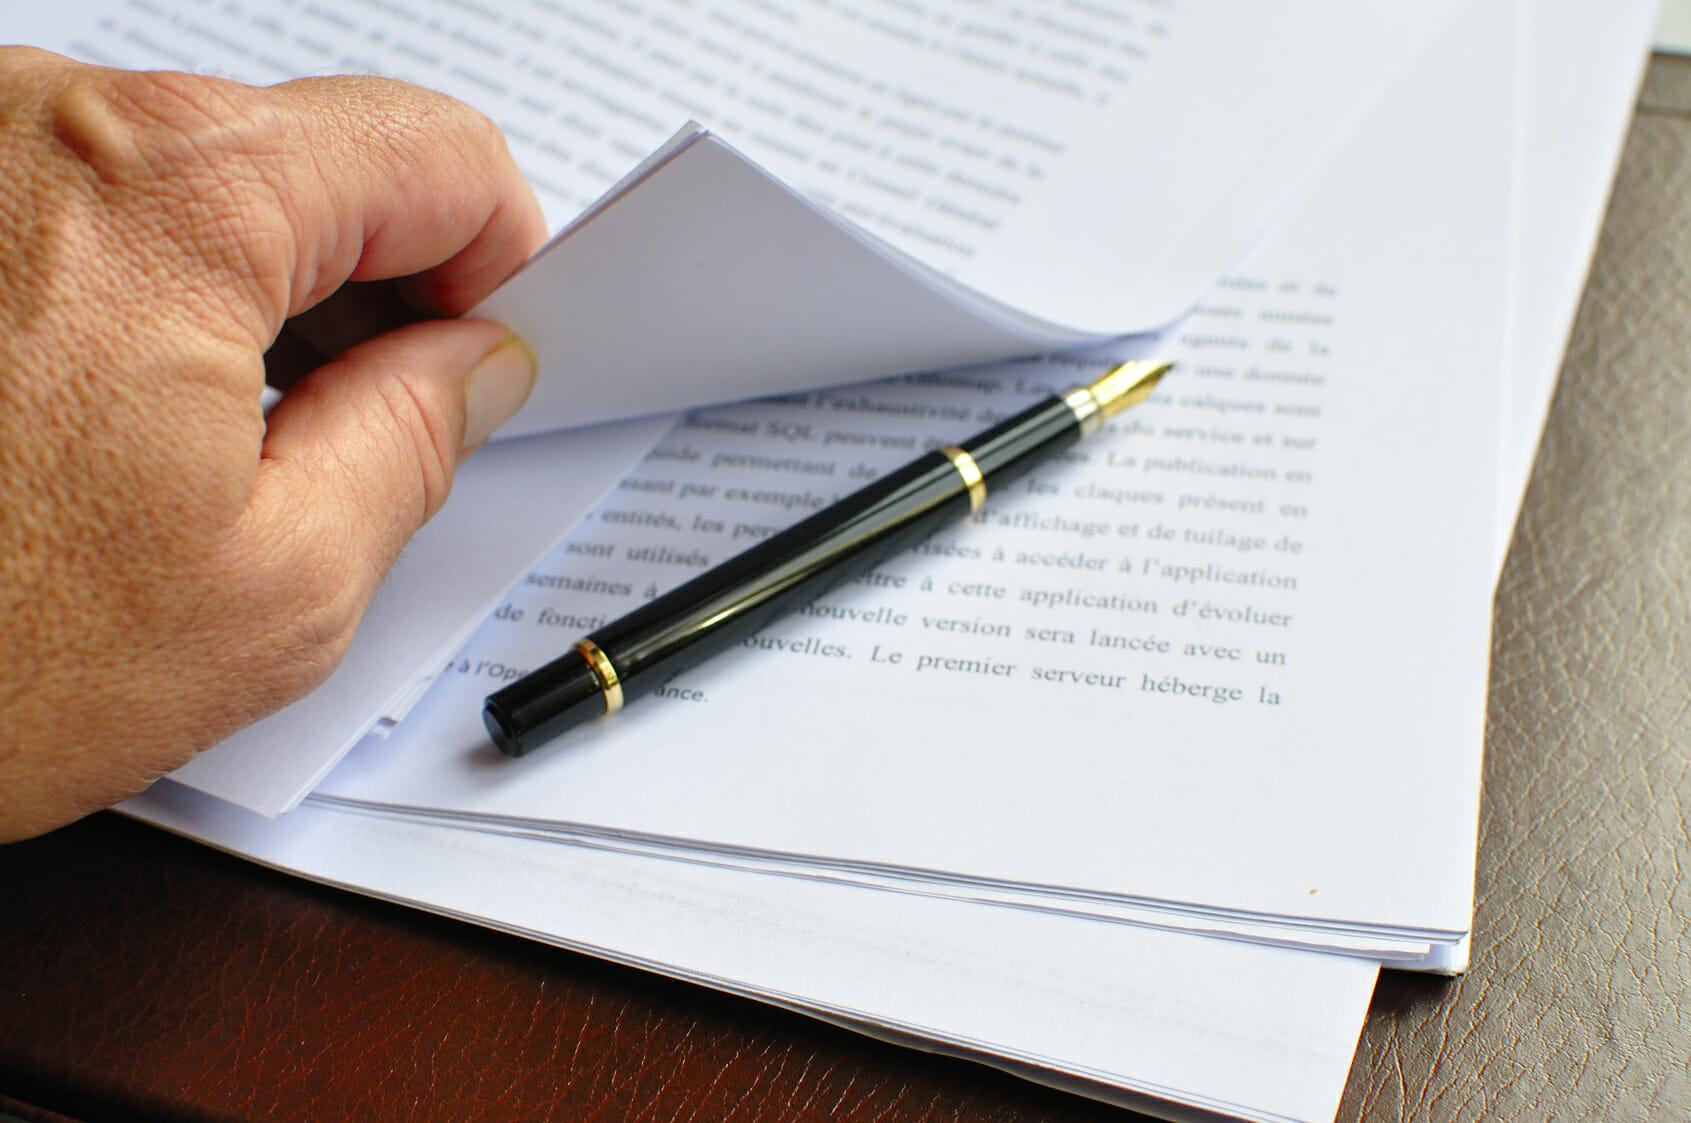 Droits De Succession Assurance Vie Avant Et Apres 70 Ans Legislation